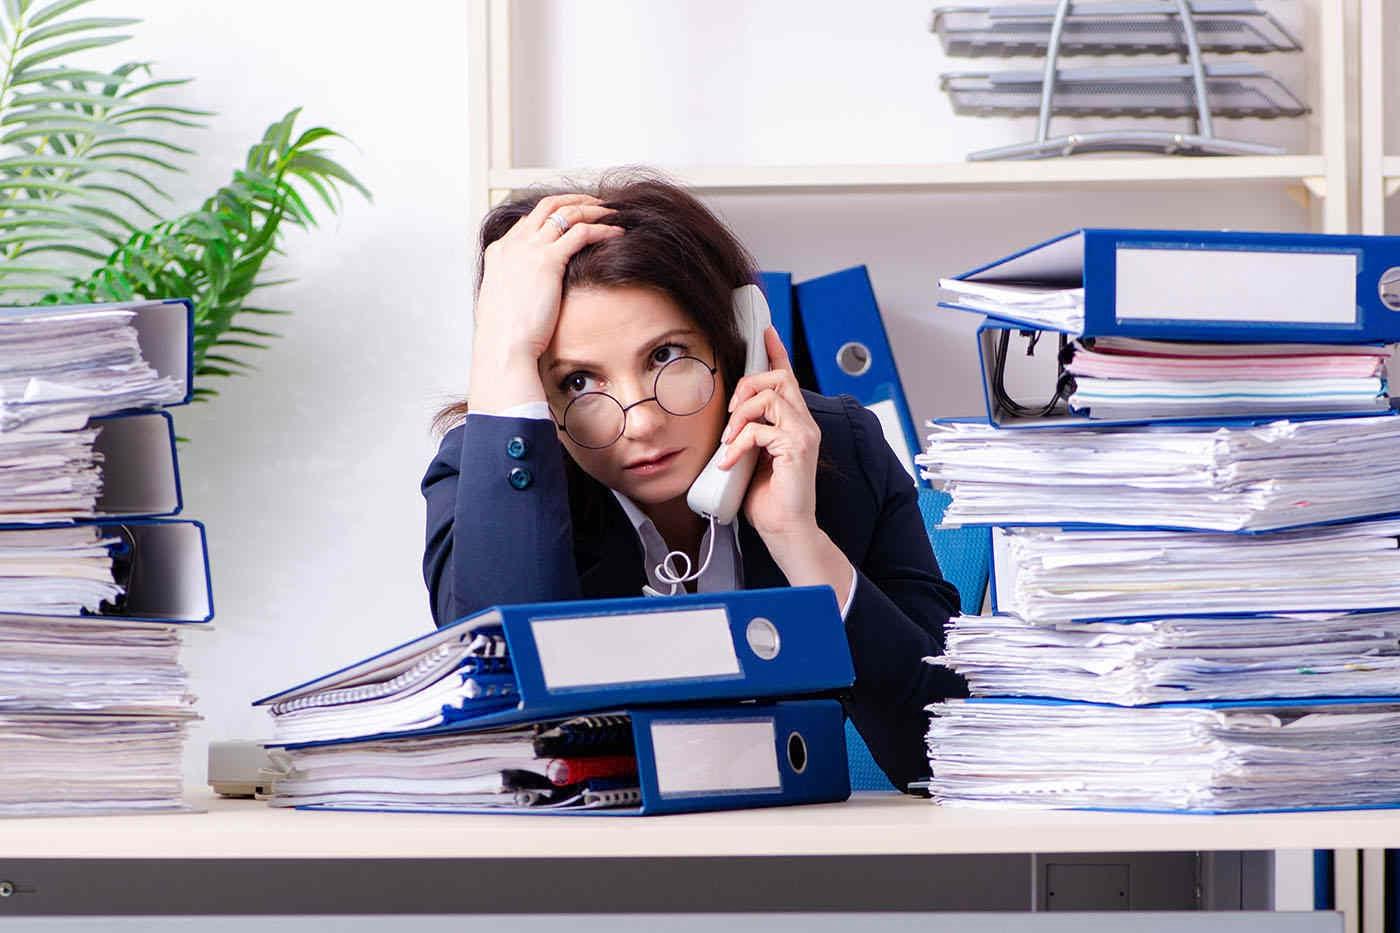 Ești workaholic? Programul prelungit îți poate scurta viața